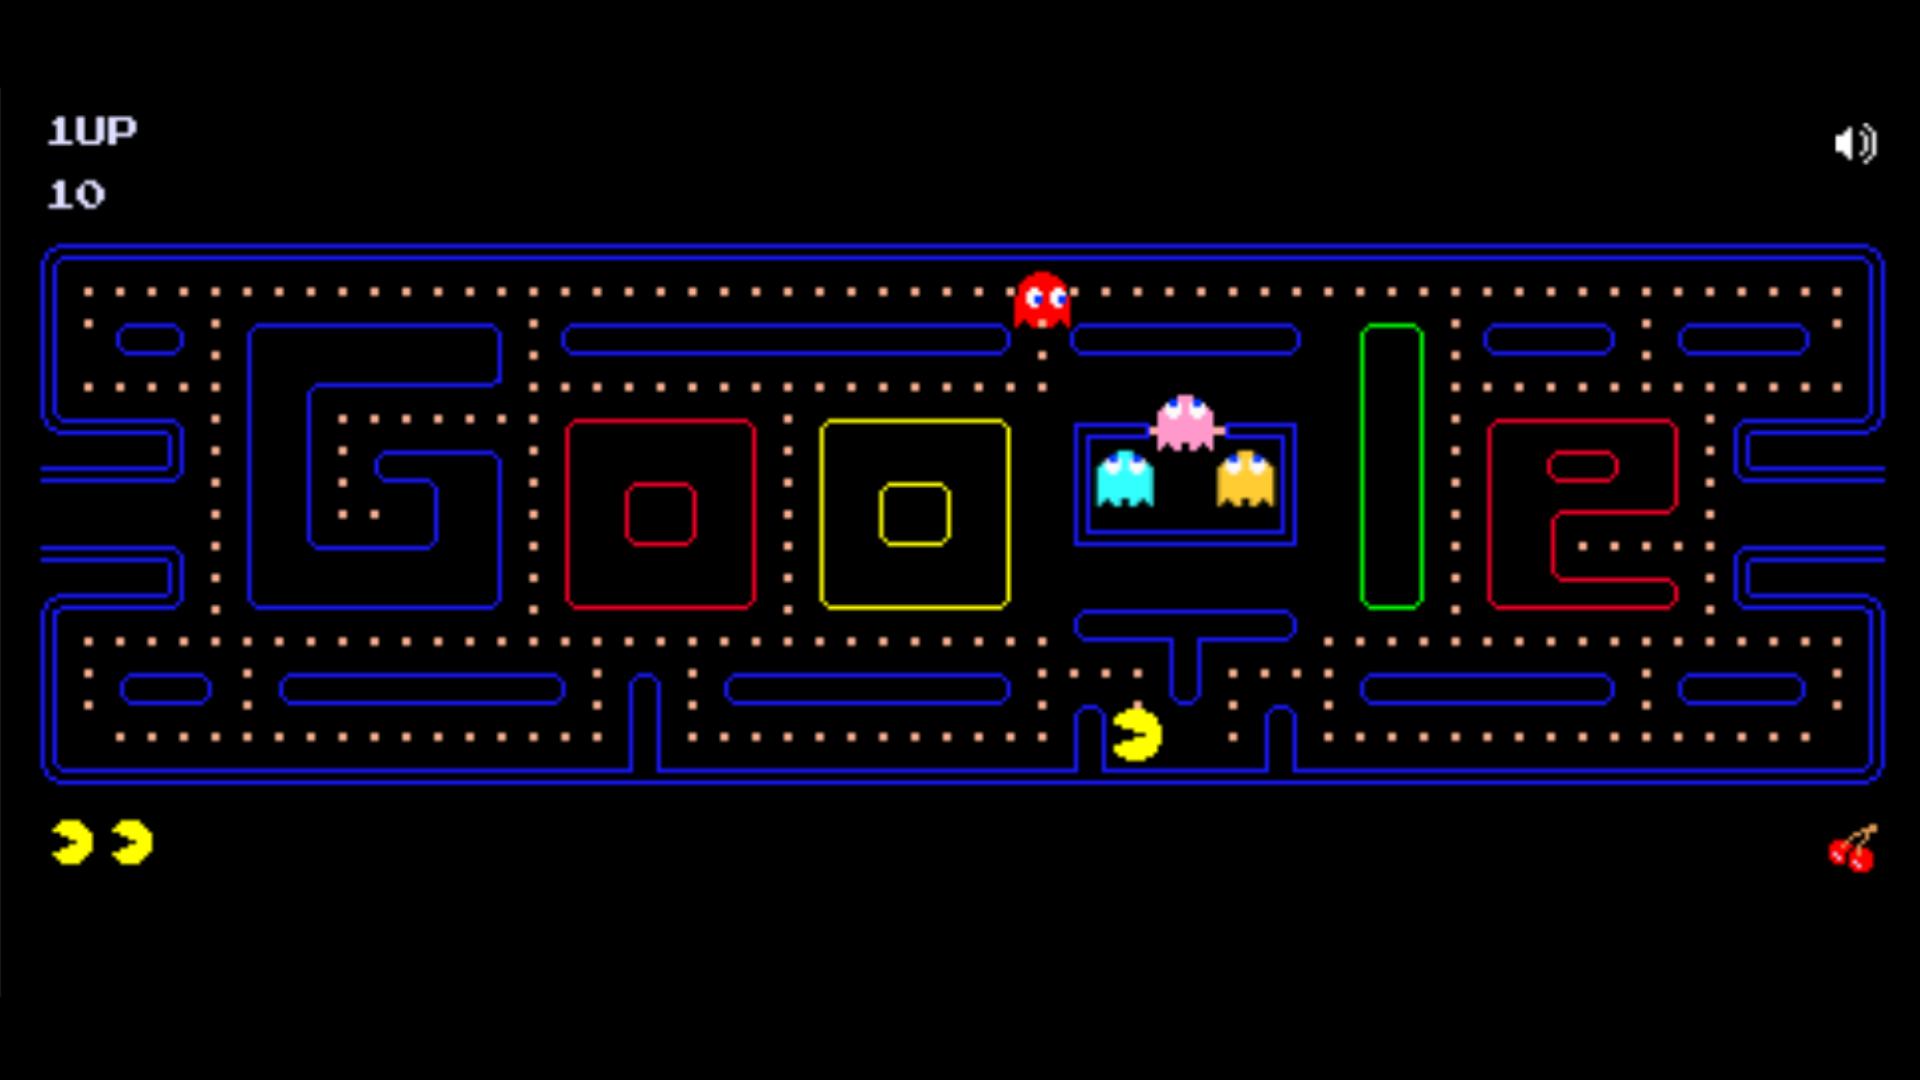 Um dos jogos clássicos tomou nova forma no Google Doodle (Fonte: Google Doodle)